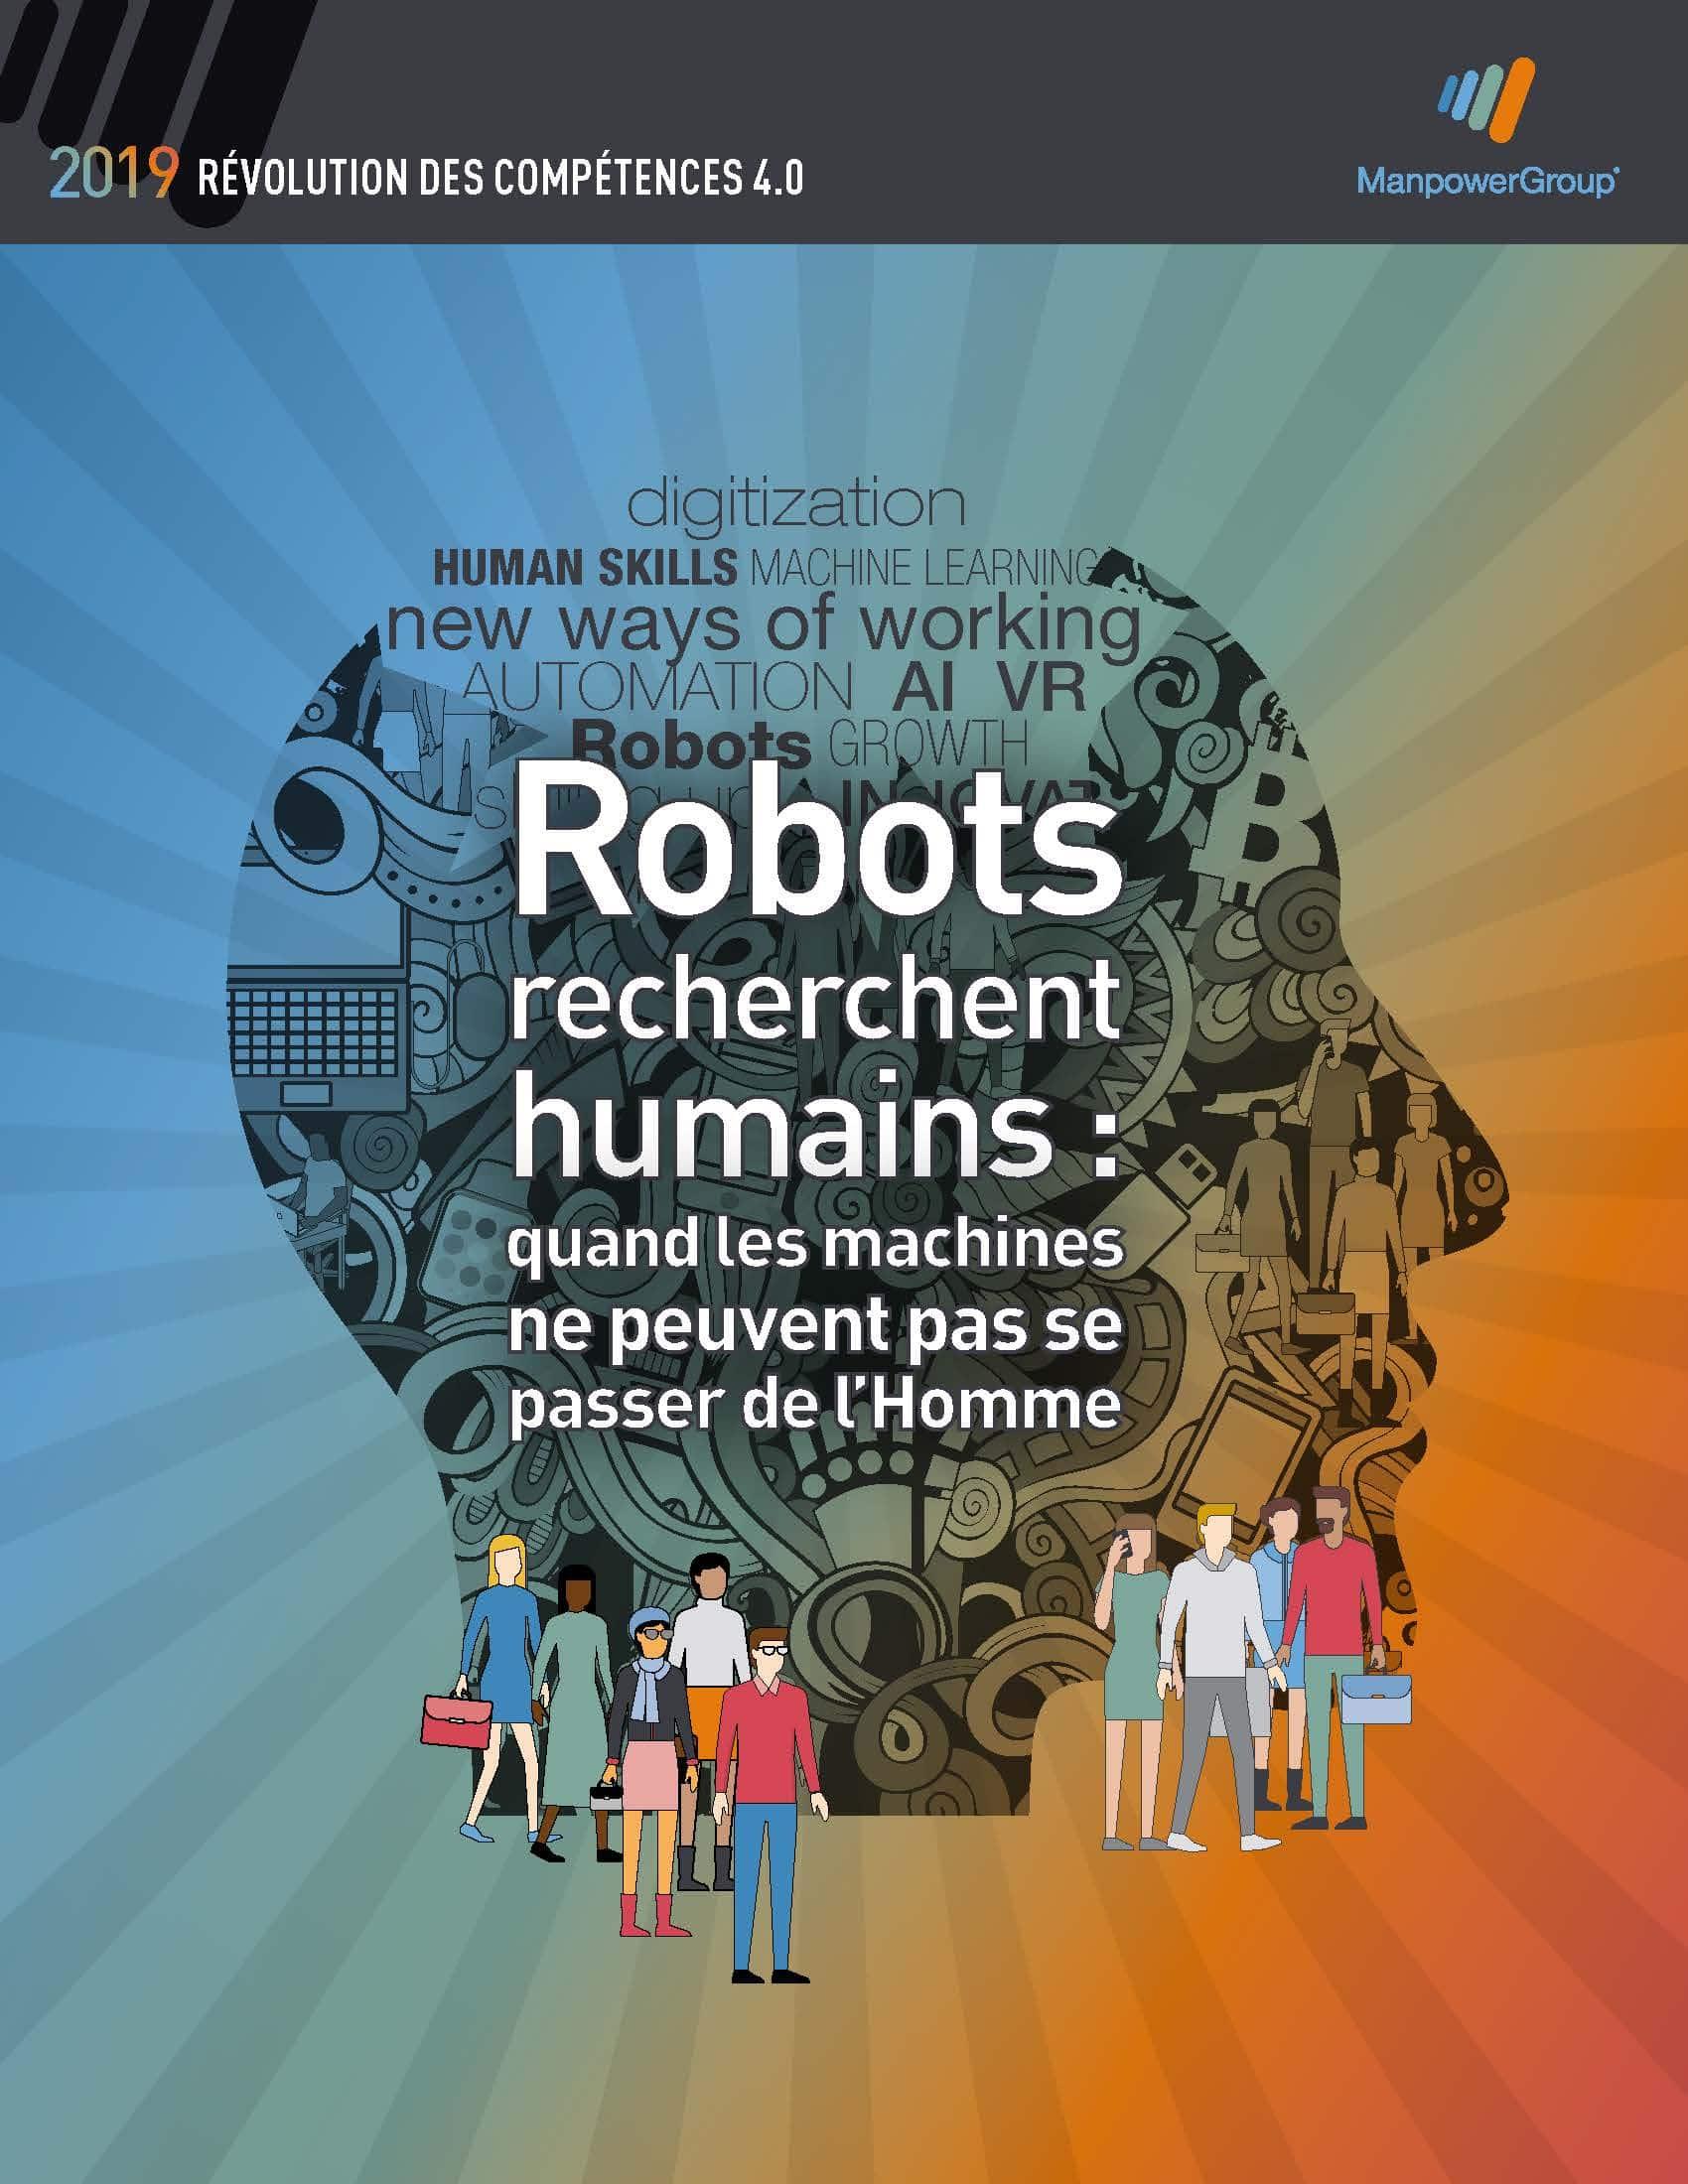 20.Robots_recherchent_humains_-_quand_-les_machines_ne_peuvent_pas_se_passer_de_lHomme_Page_01